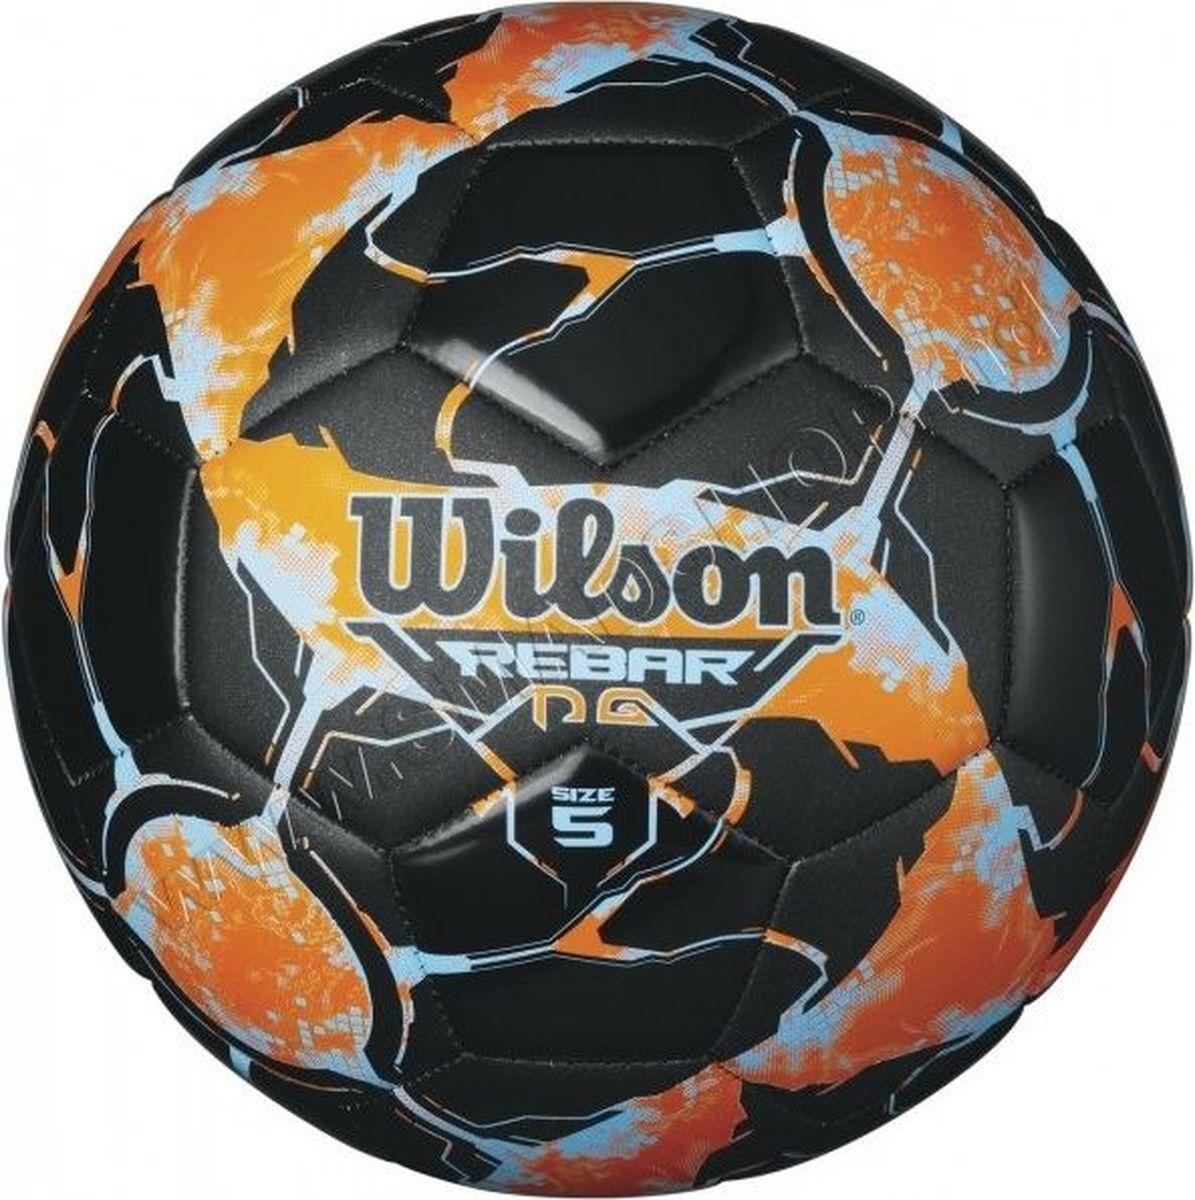 Мяч футбольный Wilson Rebar Ng, цвет: оранжевый, черный. Размер 5WTE8138XB05Футбольный мяч Wilson Rebar Ng выполнен из композитных материалов. Мяч имеет 30 панелей, сшитых вручную. Устойчив к трению и износу, подходит для игры на любых поверхностях в любых погодных условиях. Футбольный мяч Wilson Rebar Ng может выдерживать не только грунтовые поверхности, но и асфальт, он стойкий к сильным ударам, комфортный и оригинальный благодаря своему дизайну.Длина окружности: 68 см. УВАЖАЕМЫЕ КЛИЕНТЫ!Просим обратить ваше внимание на тот факт, что мяч поставляется в сдутом состоянии и надувается при помощи насоса (насос не входит в комплект).